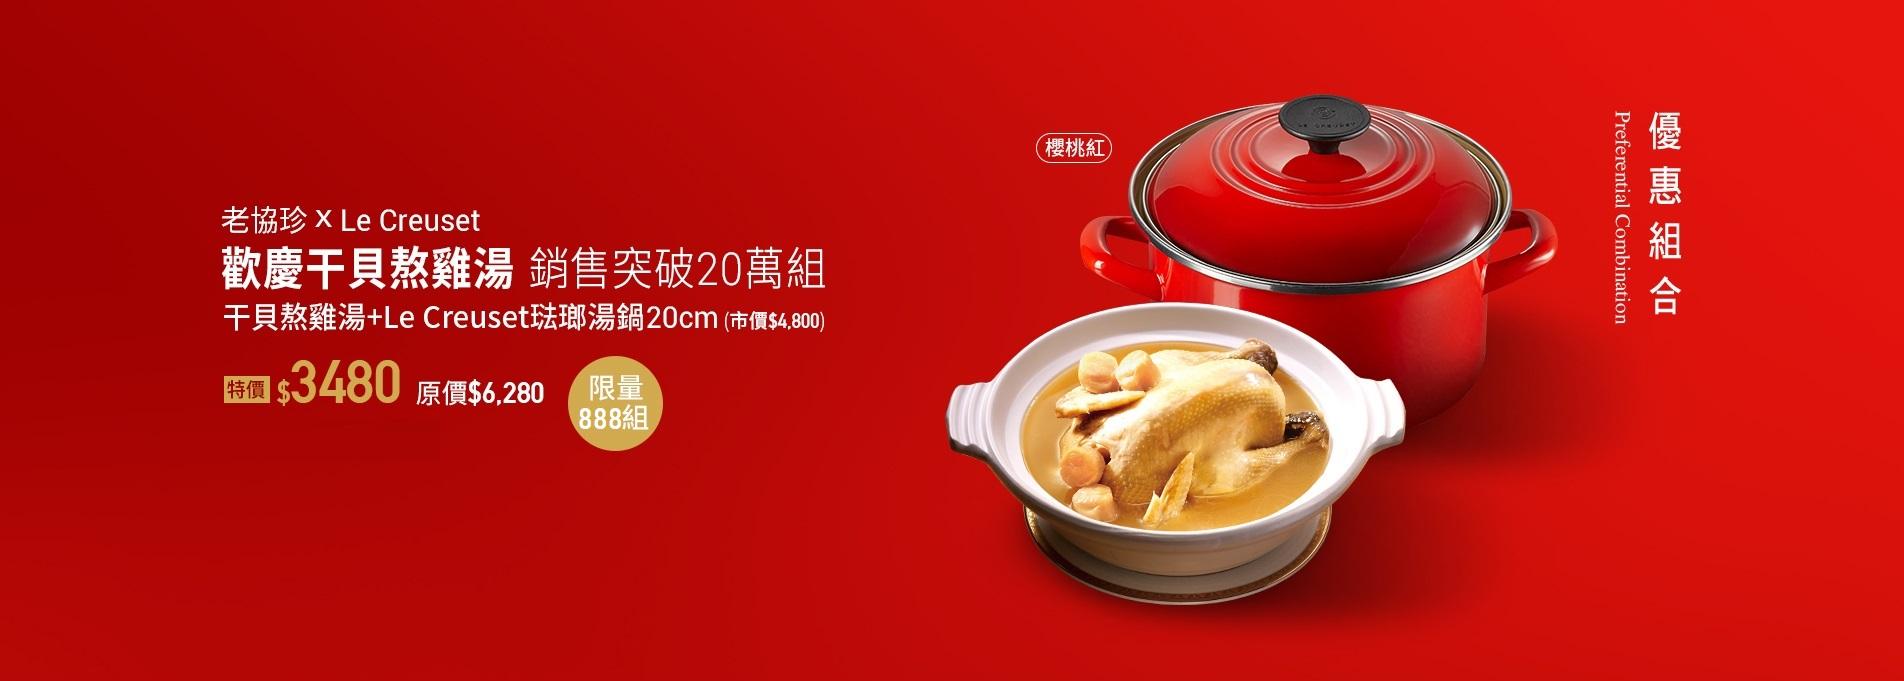 鍋物 / 干貝熬雞湯+Le Creuset